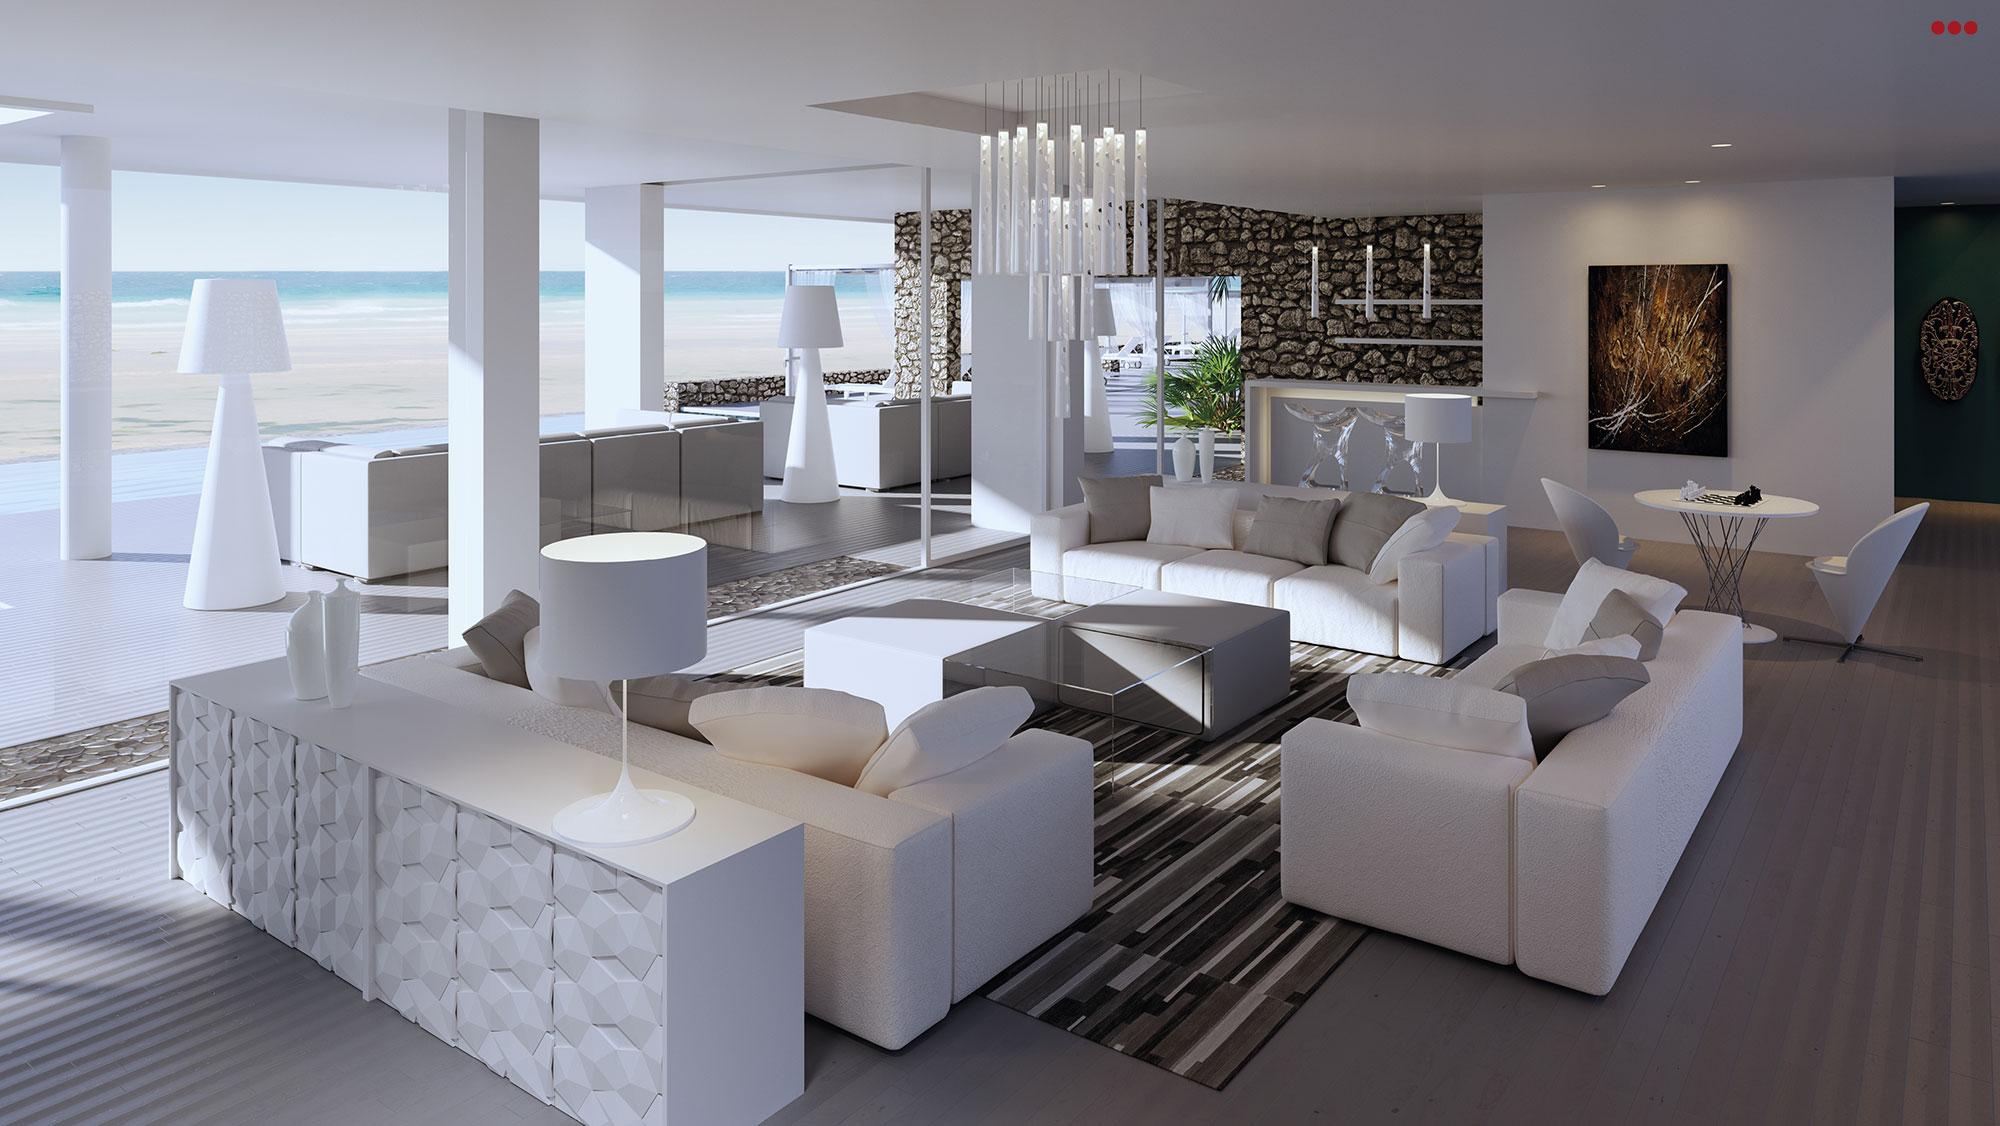 3D Studio Bartolini Villa Pemba progettazione rendering architettura grafica 5